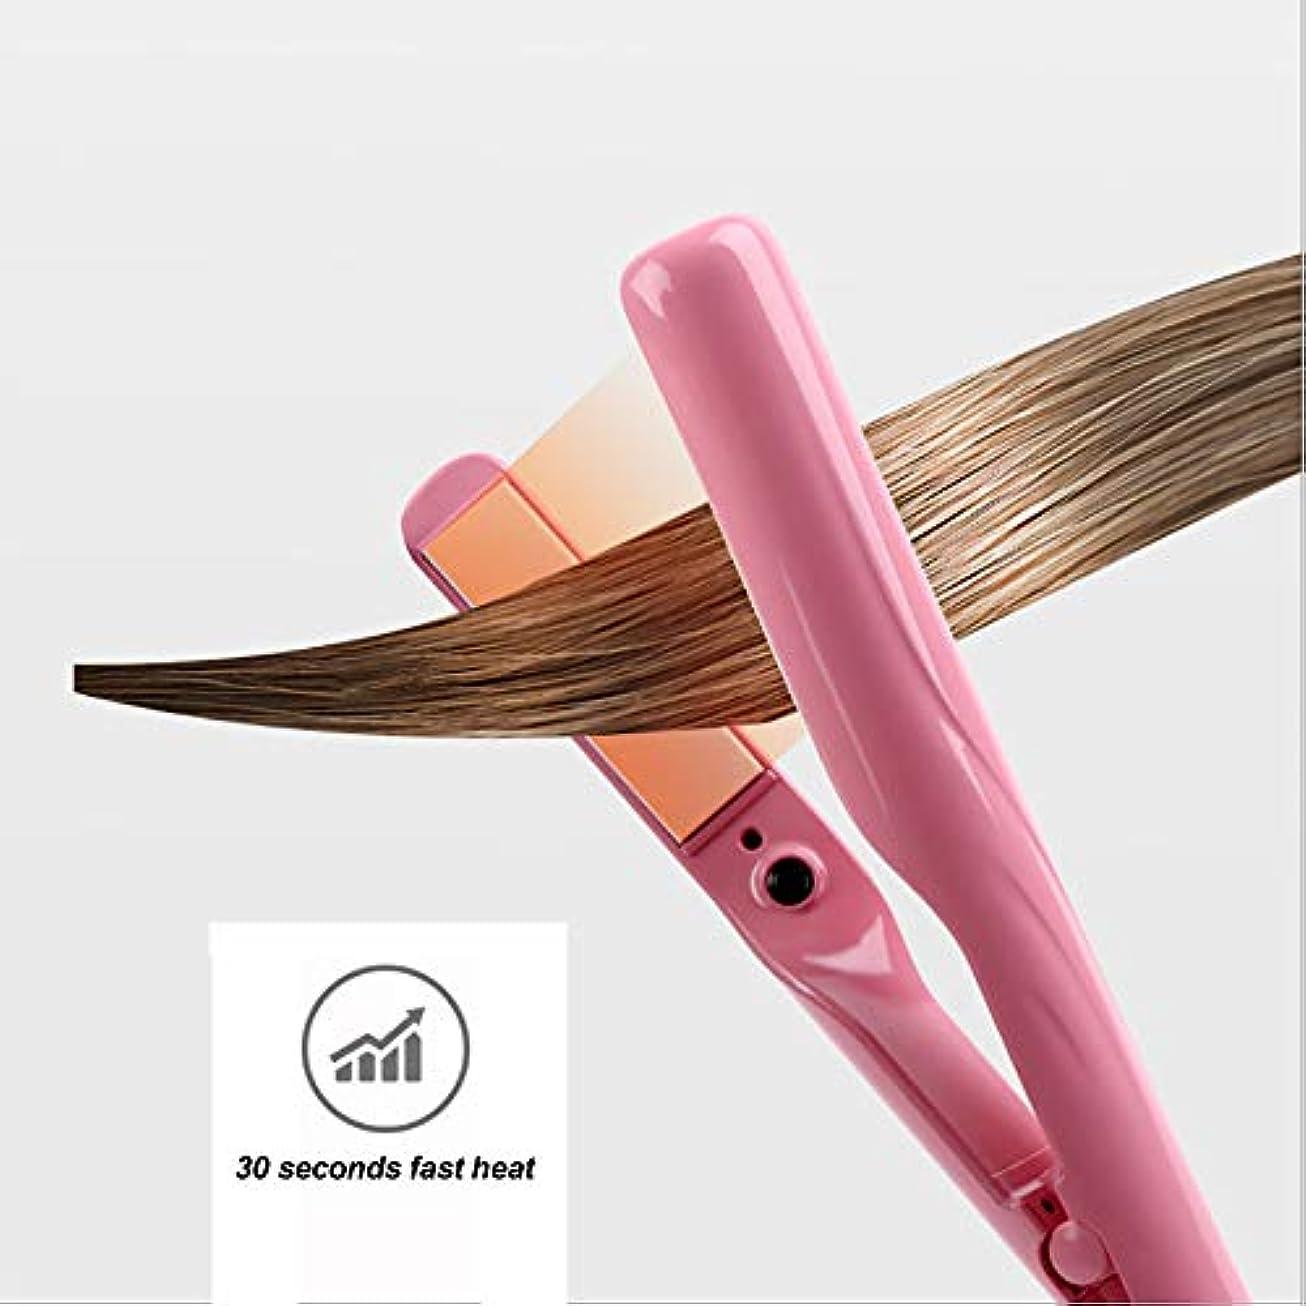 メロドラマメドレー受け入れるフラットアイアン1インチプレート調節可能な温度のプロフェッショナルストレートヘアアイロンで髪を光沢のある絹のような発熱体に仕上げますデュアル電圧ローズピンク